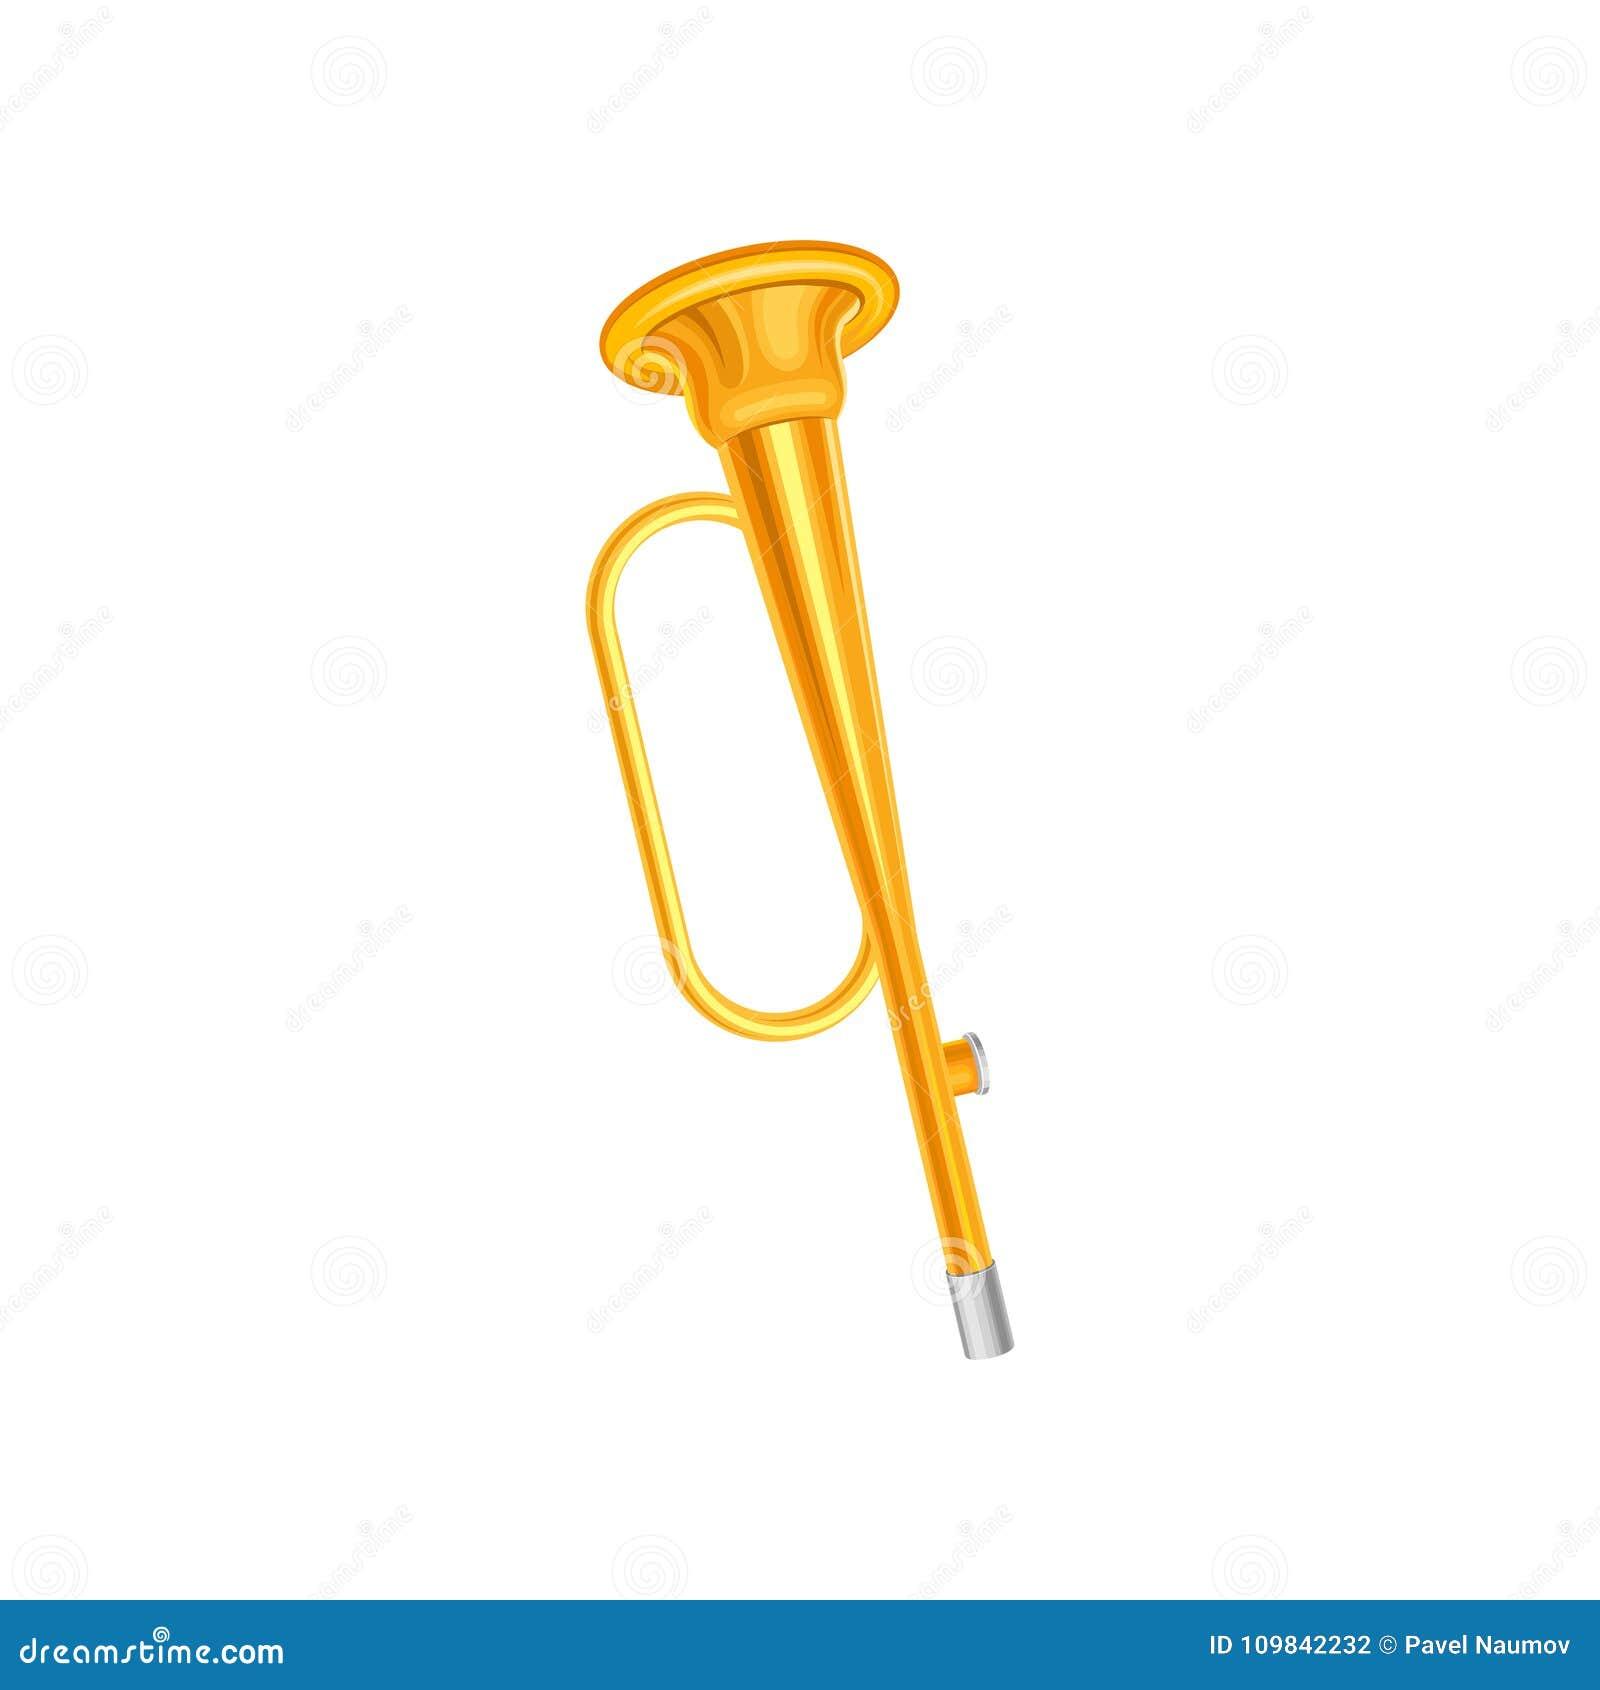 Gouden trompettepictogram Concept klein messings muzikaal instrument Decoratief element voor muziekopslag, promoaffiche